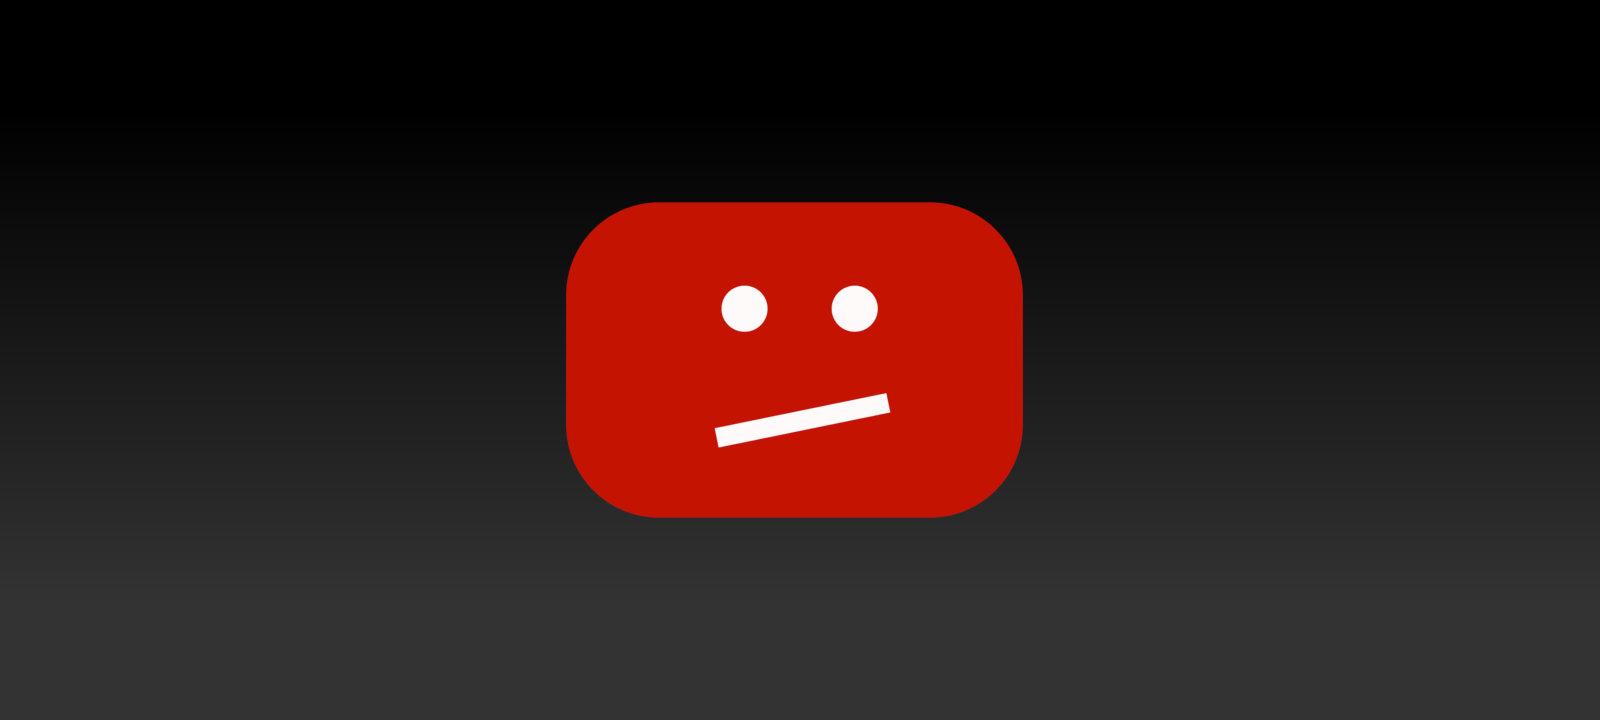 Вам труба! Как независимый исследователь взломал YouTube